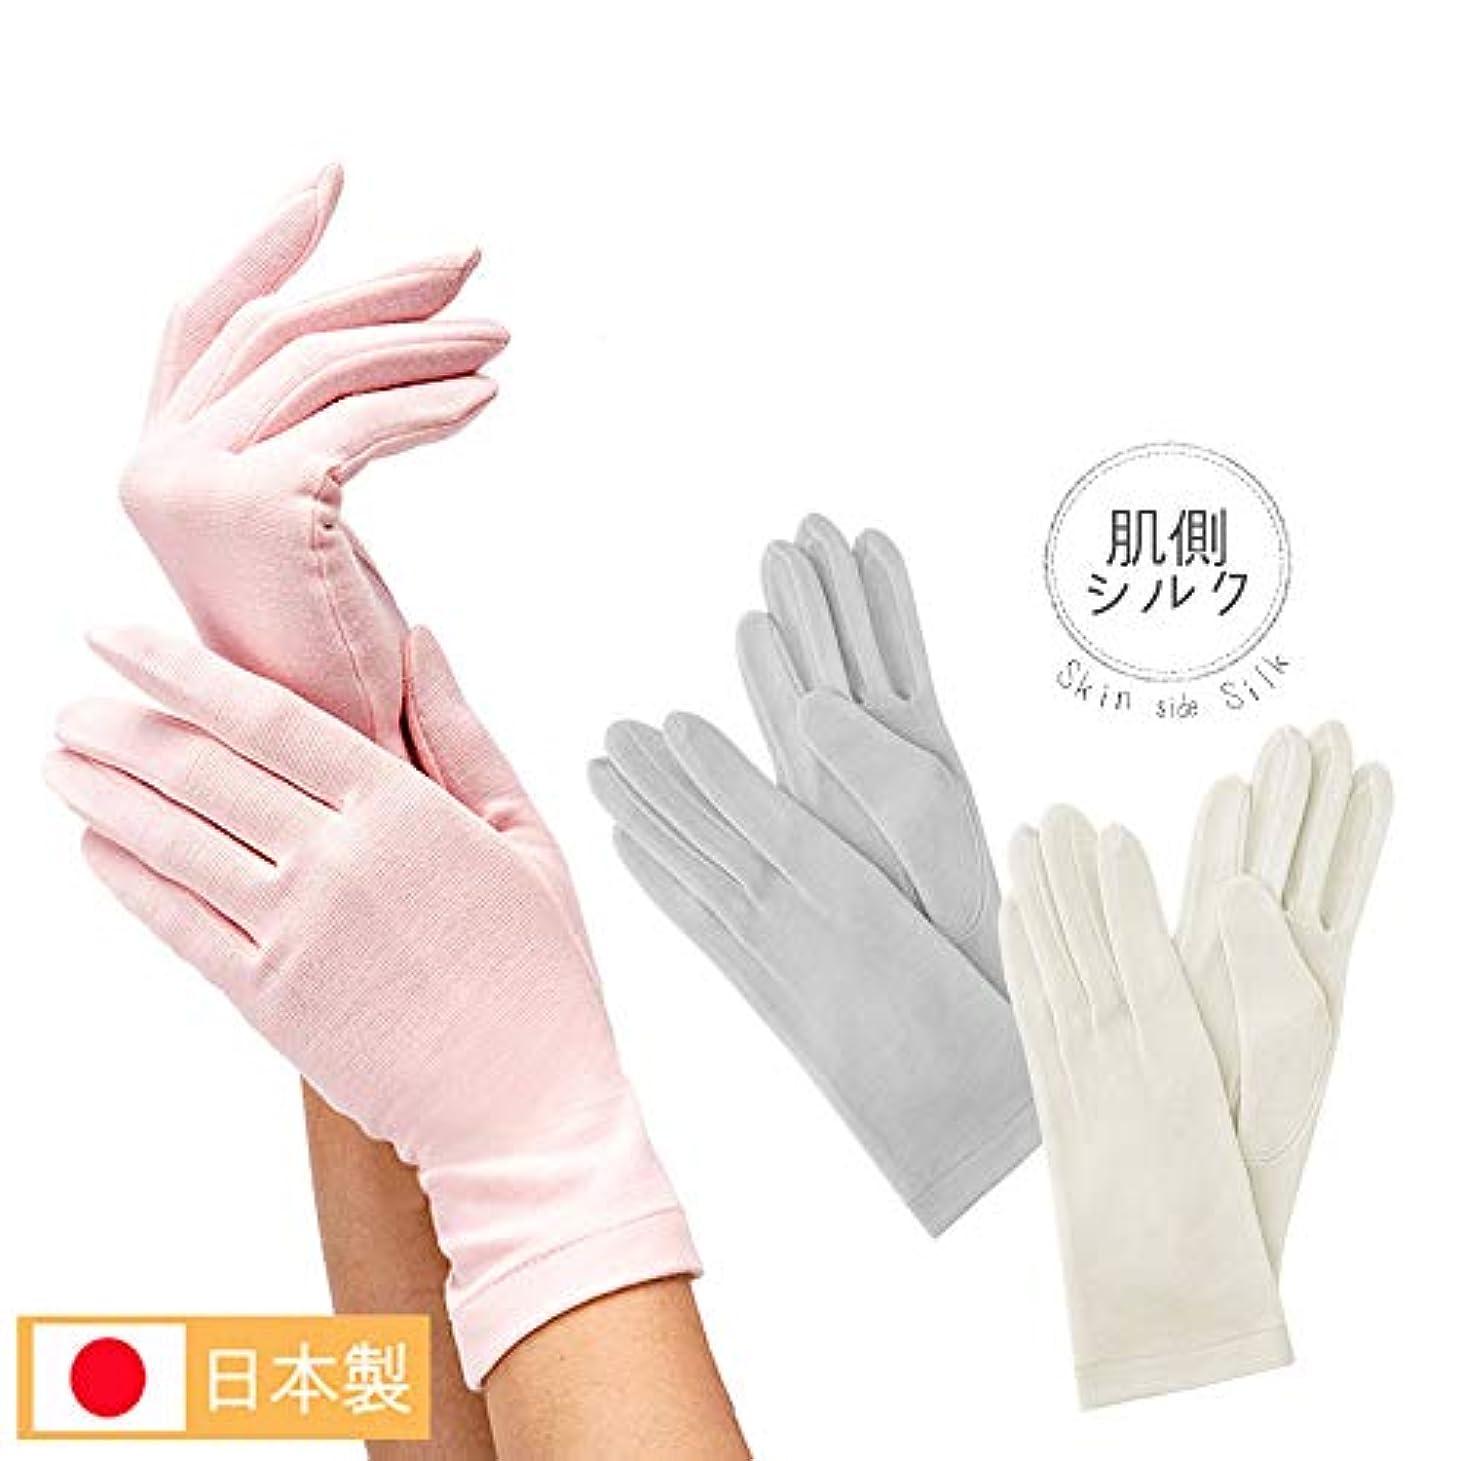 自動的に四豚肉G12-0071_PK 就寝用 裏シルクうるおい手袋 あったか 薄い 手荒れ ハンドケア 保湿 レディース 女性 おやすみ 寝るとき 日本製 ピンク